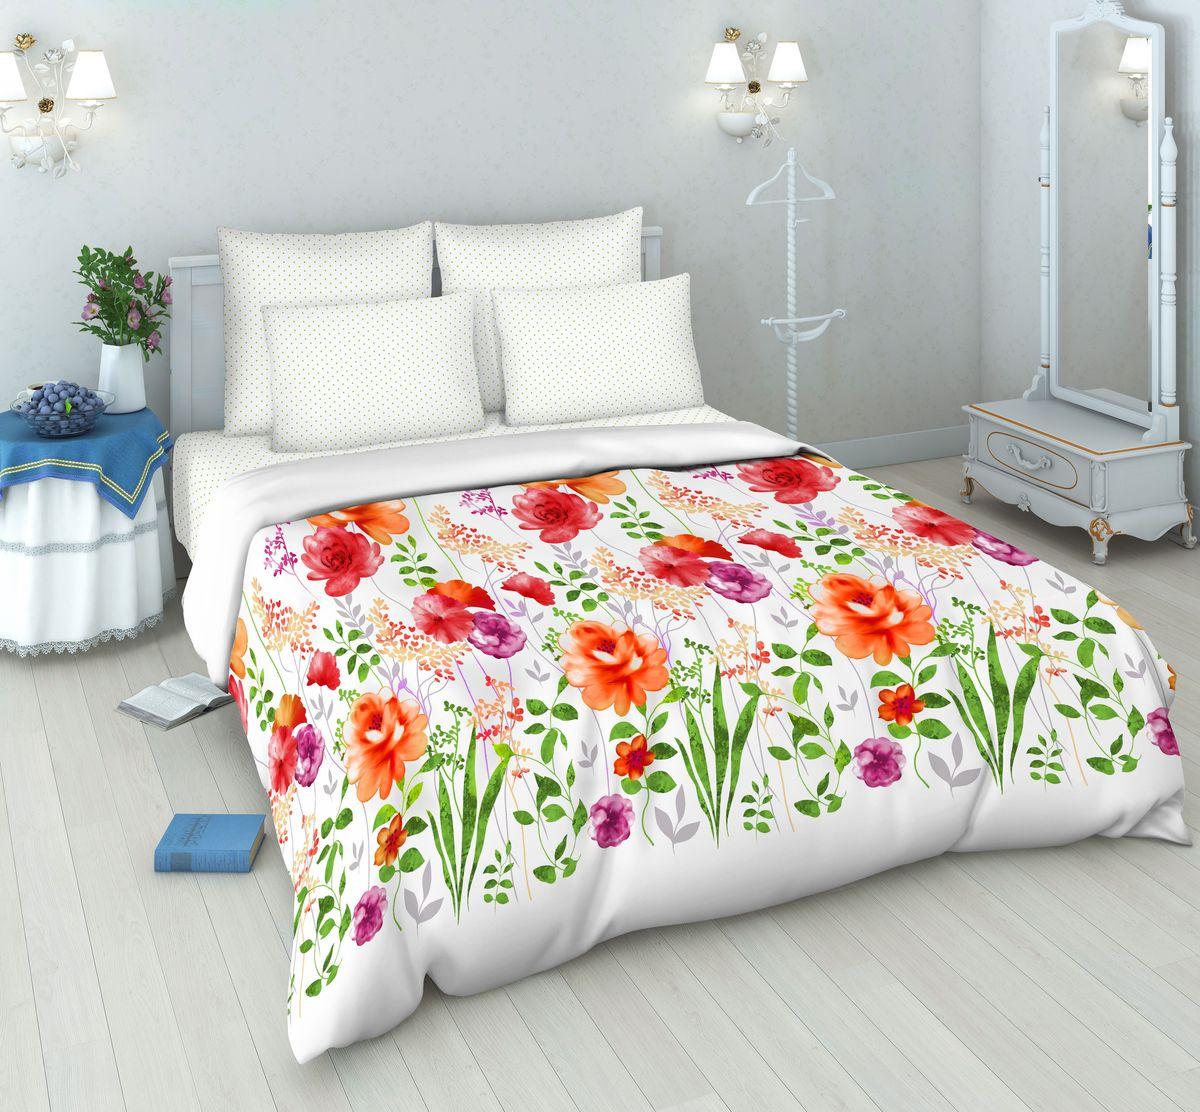 Комплект белья Василиса, 1,5-спальный, наволочки 70х70, цвет: белый. 7023/1,5391602Комплект постельного белья Василиса состоит из пододеяльника, простыни и двух наволочек. Белье изготовлено из бязи (100% хлопка) - гипоаллергенного, экологичного, высококачественного, крупнозакрученного волокна. Использование особо тонкой пряжи делает ткань мягче на ощупь, обеспечивает легкое глажение и позволяет передать всю насыщенность цветовой гаммы. Благодаря более плотному переплетению нитей и использованию высококачественных импортных красителей постельное белье выдерживает до 70 стирок. На ткани не образуются катышки. Способ застегивания наволочки - клапан, пододеяльника - отверстие без застежки по краю изделия с подвернутым краем.Приобретая комплект постельного белья Василиса, вы можете быть уверены в том, что покупка доставит вам удовольствие и подарит максимальный комфорт.